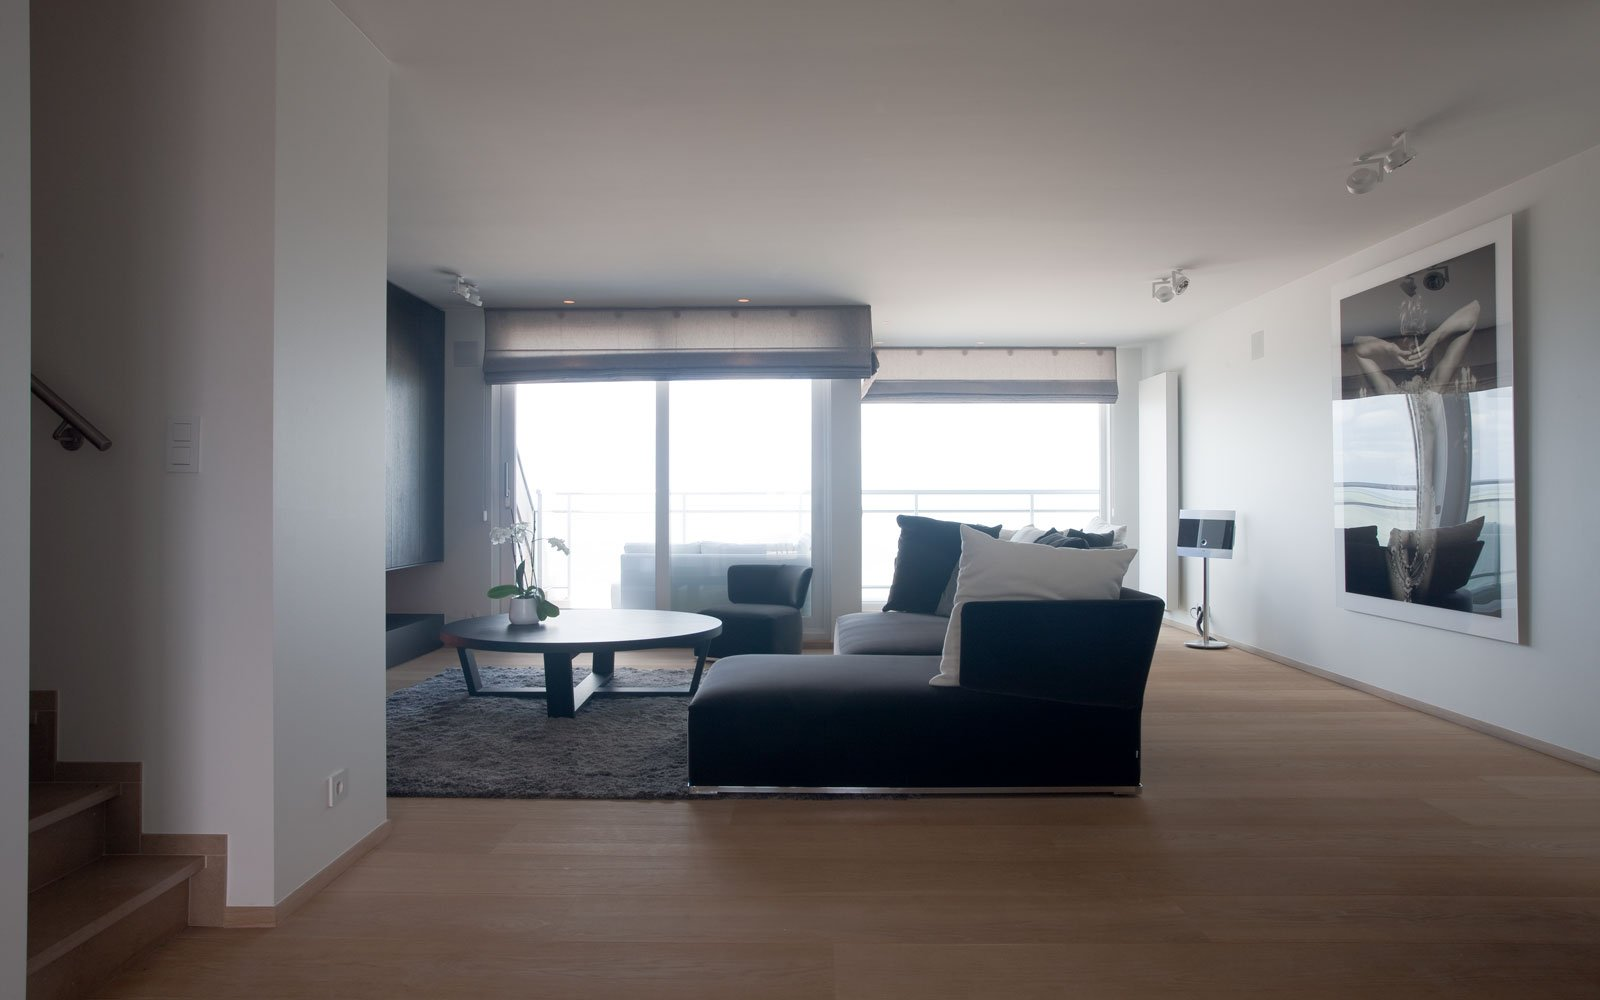 Appartement, woonkamer, loungebank, ontspannen, uitzicht, parketvloer, De Voogt Parket, droomappartement, Stephan Gunst